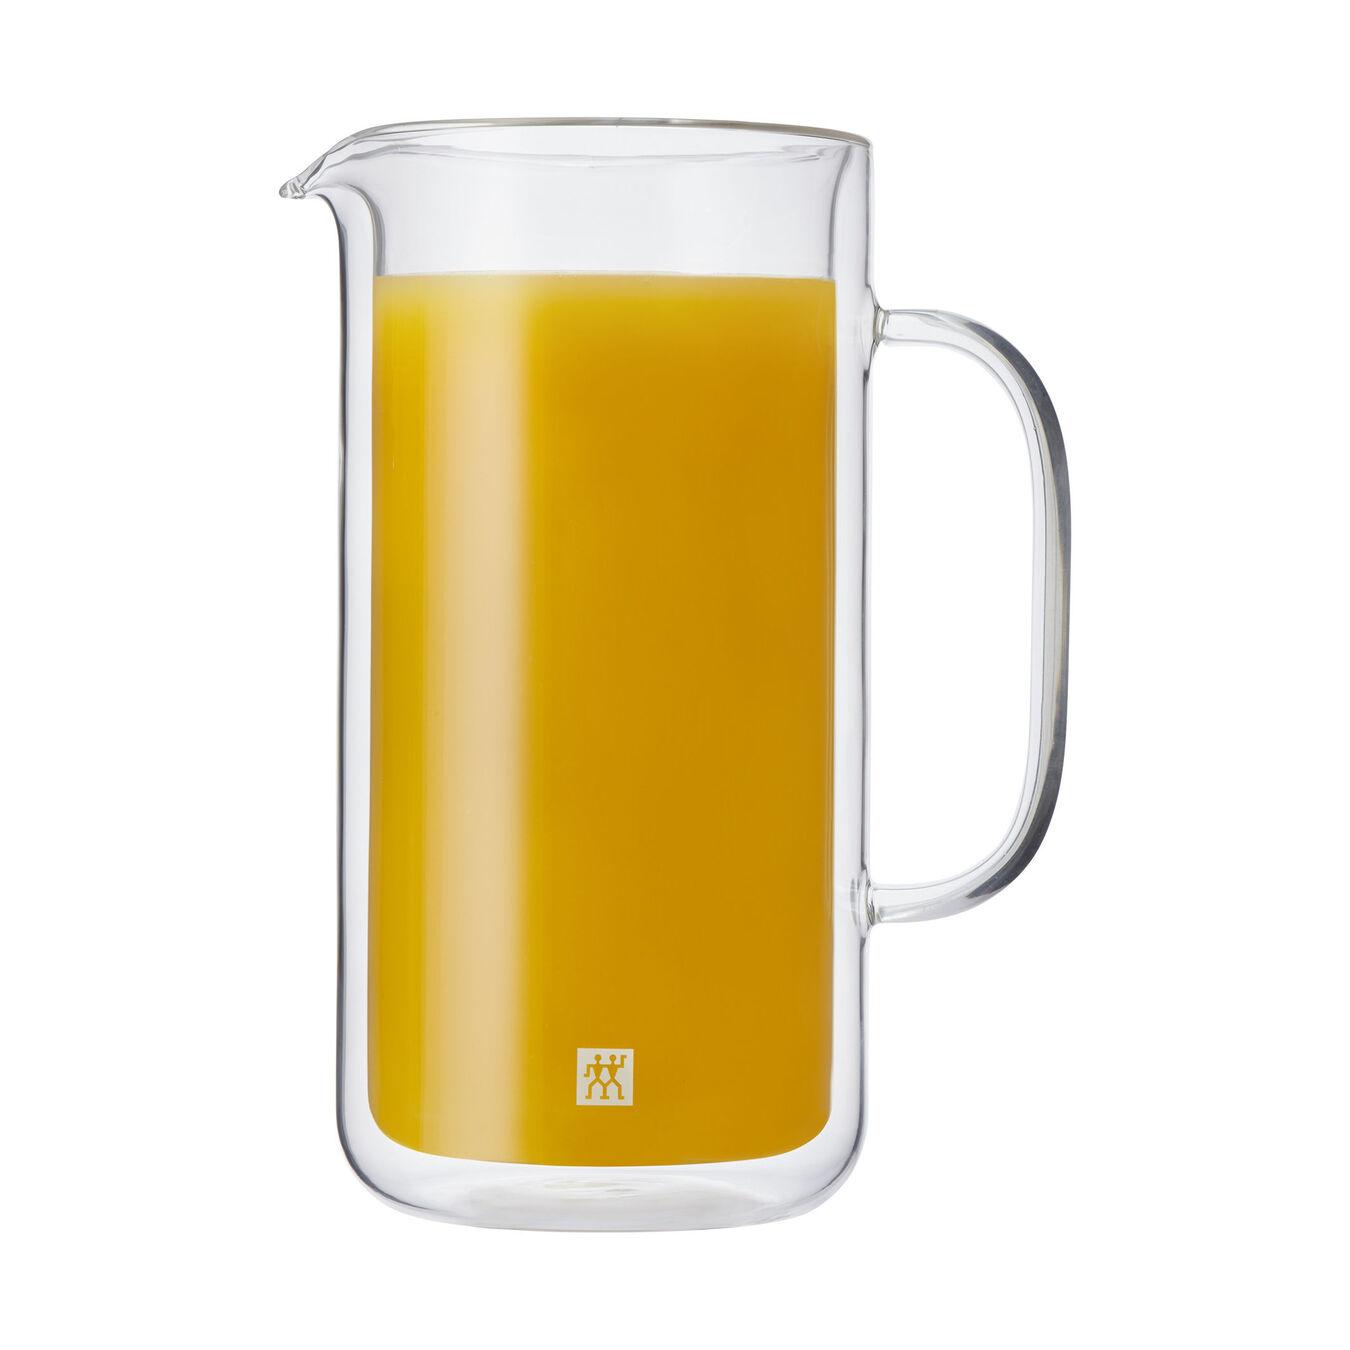 Karaffe 800 ml, Borosilikatglas,,large 1